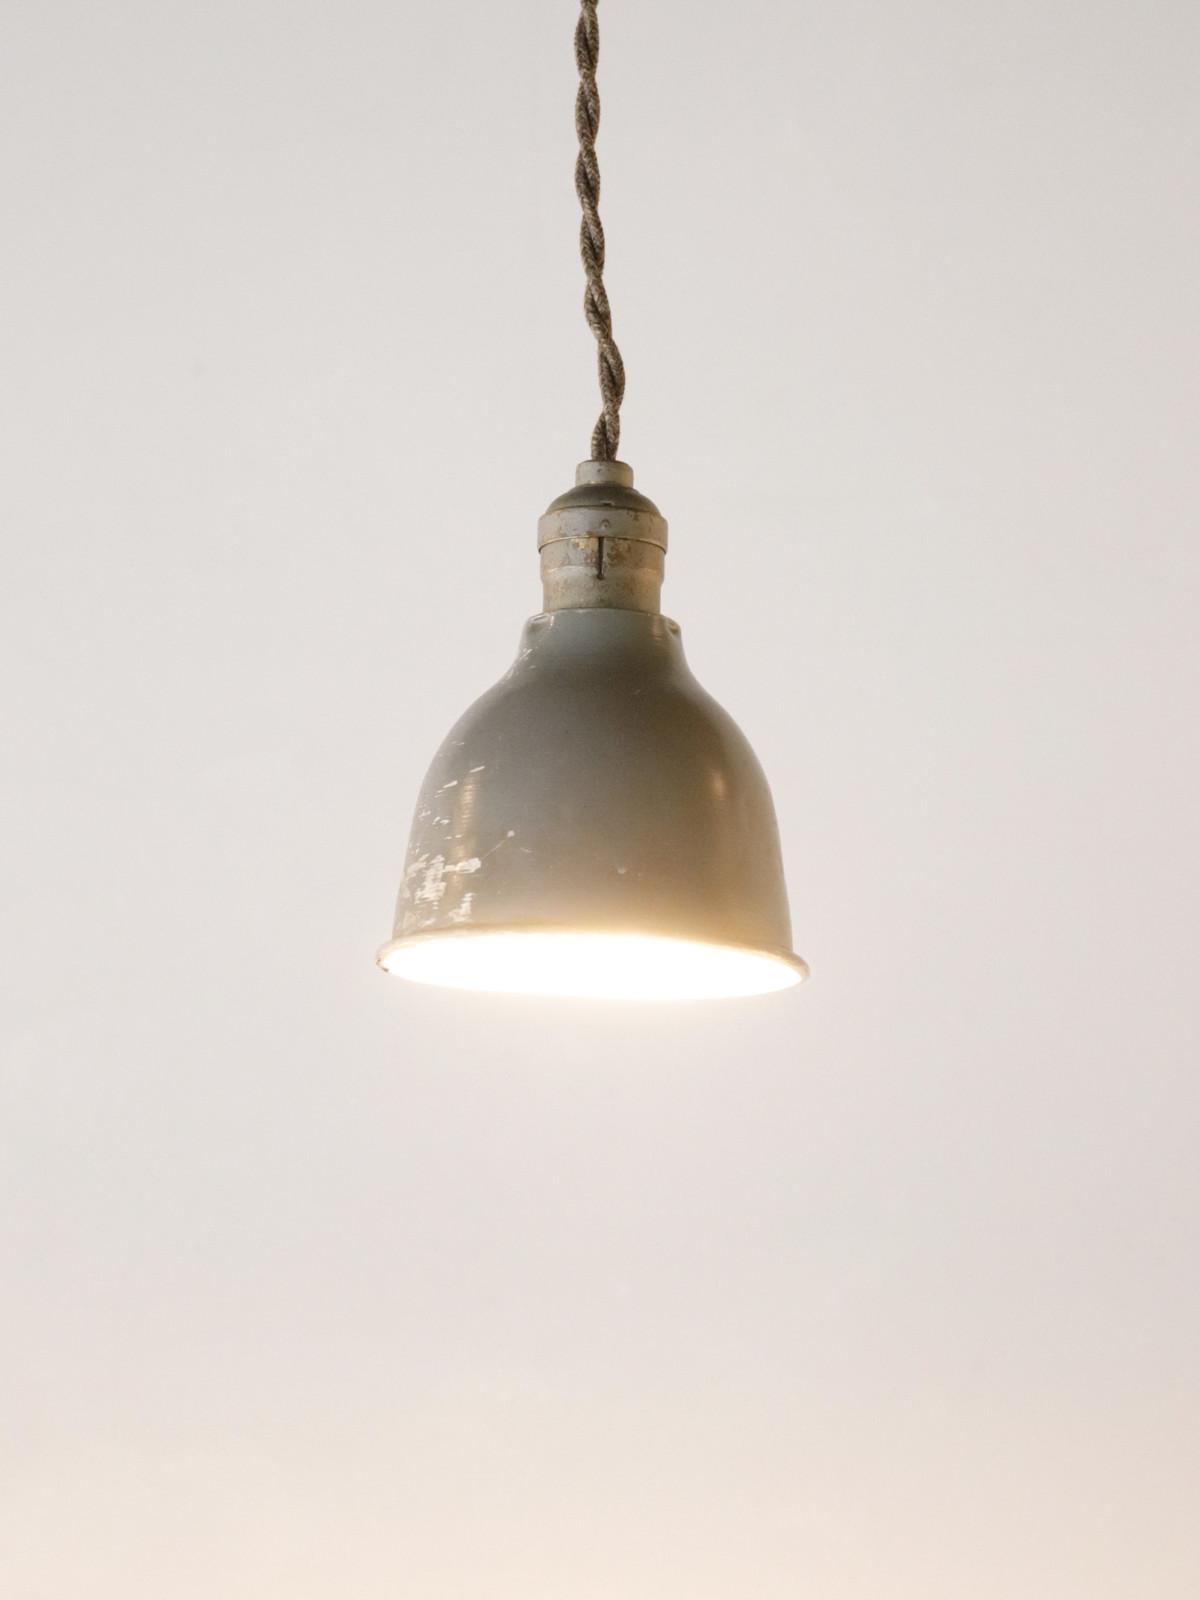 O.C.White,pendant light,vintage,USA